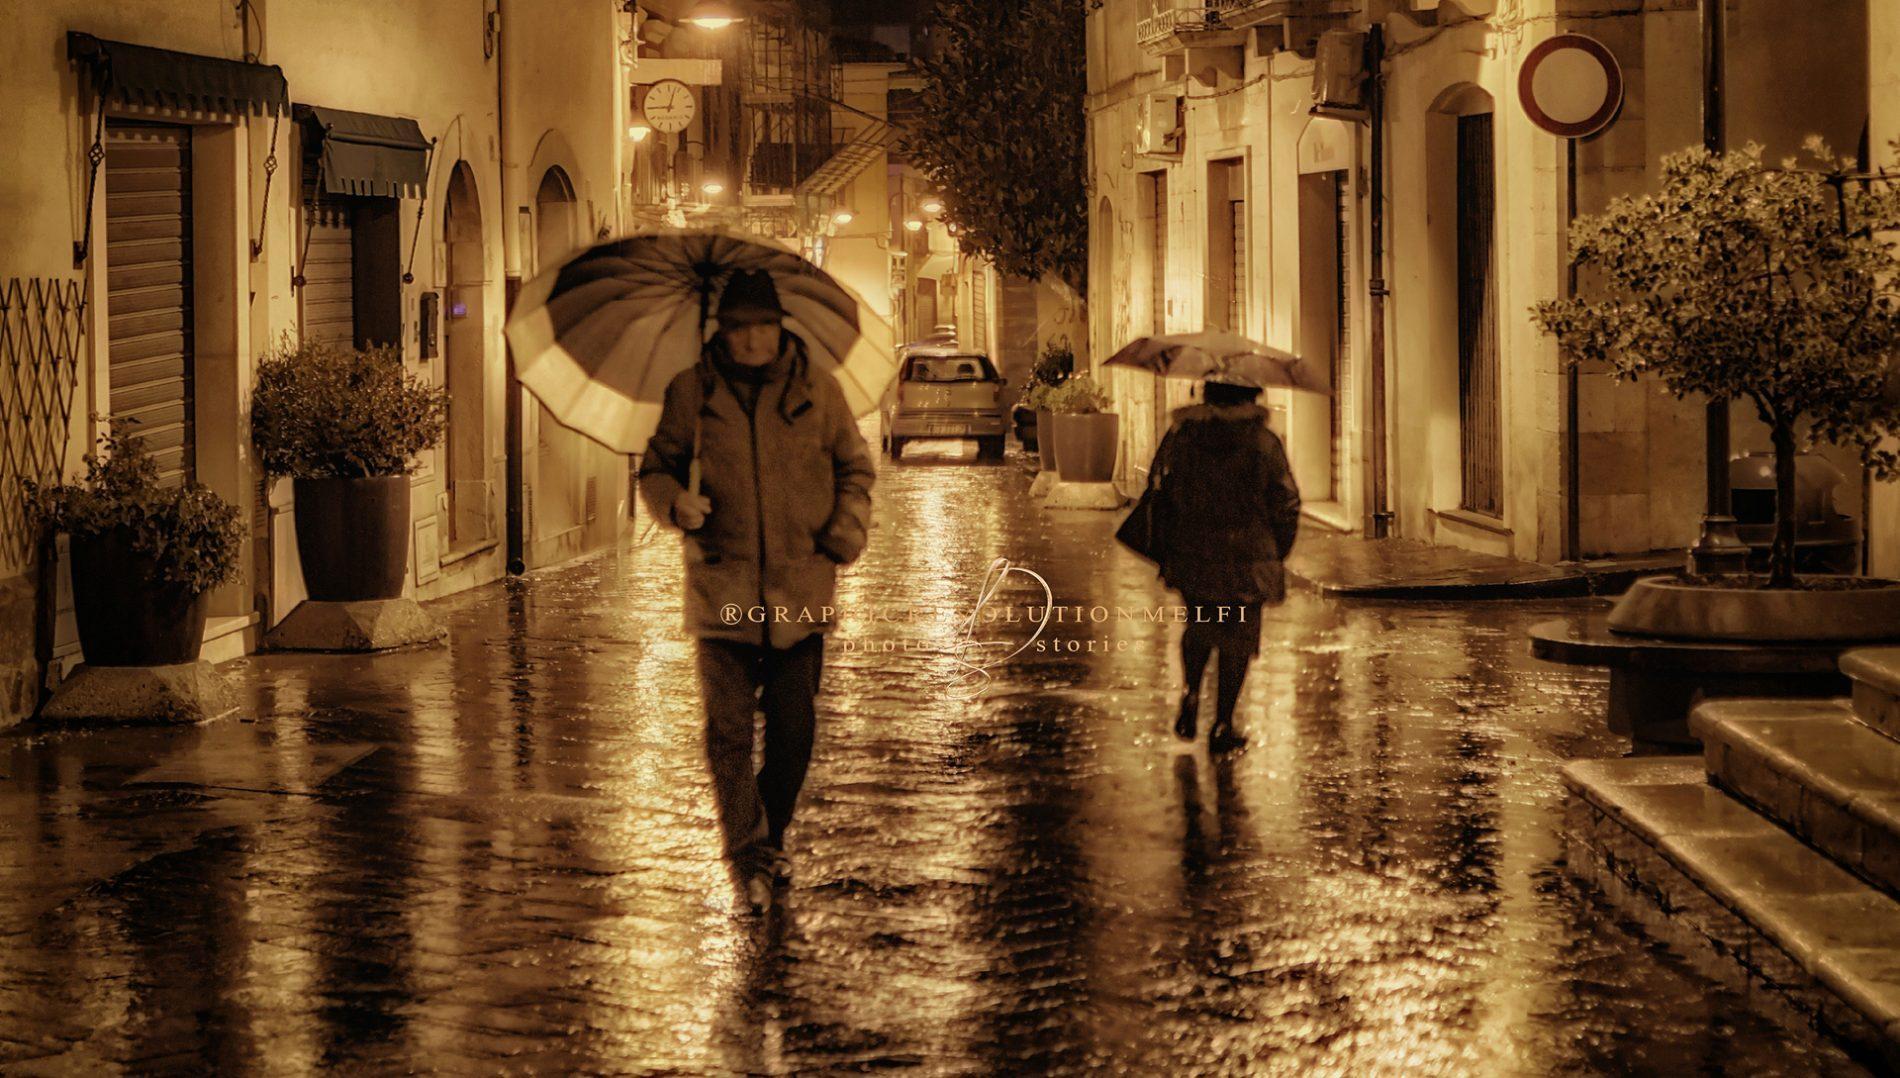 Passanti | Melfi sotto la pioggia in Via Ronca Battista